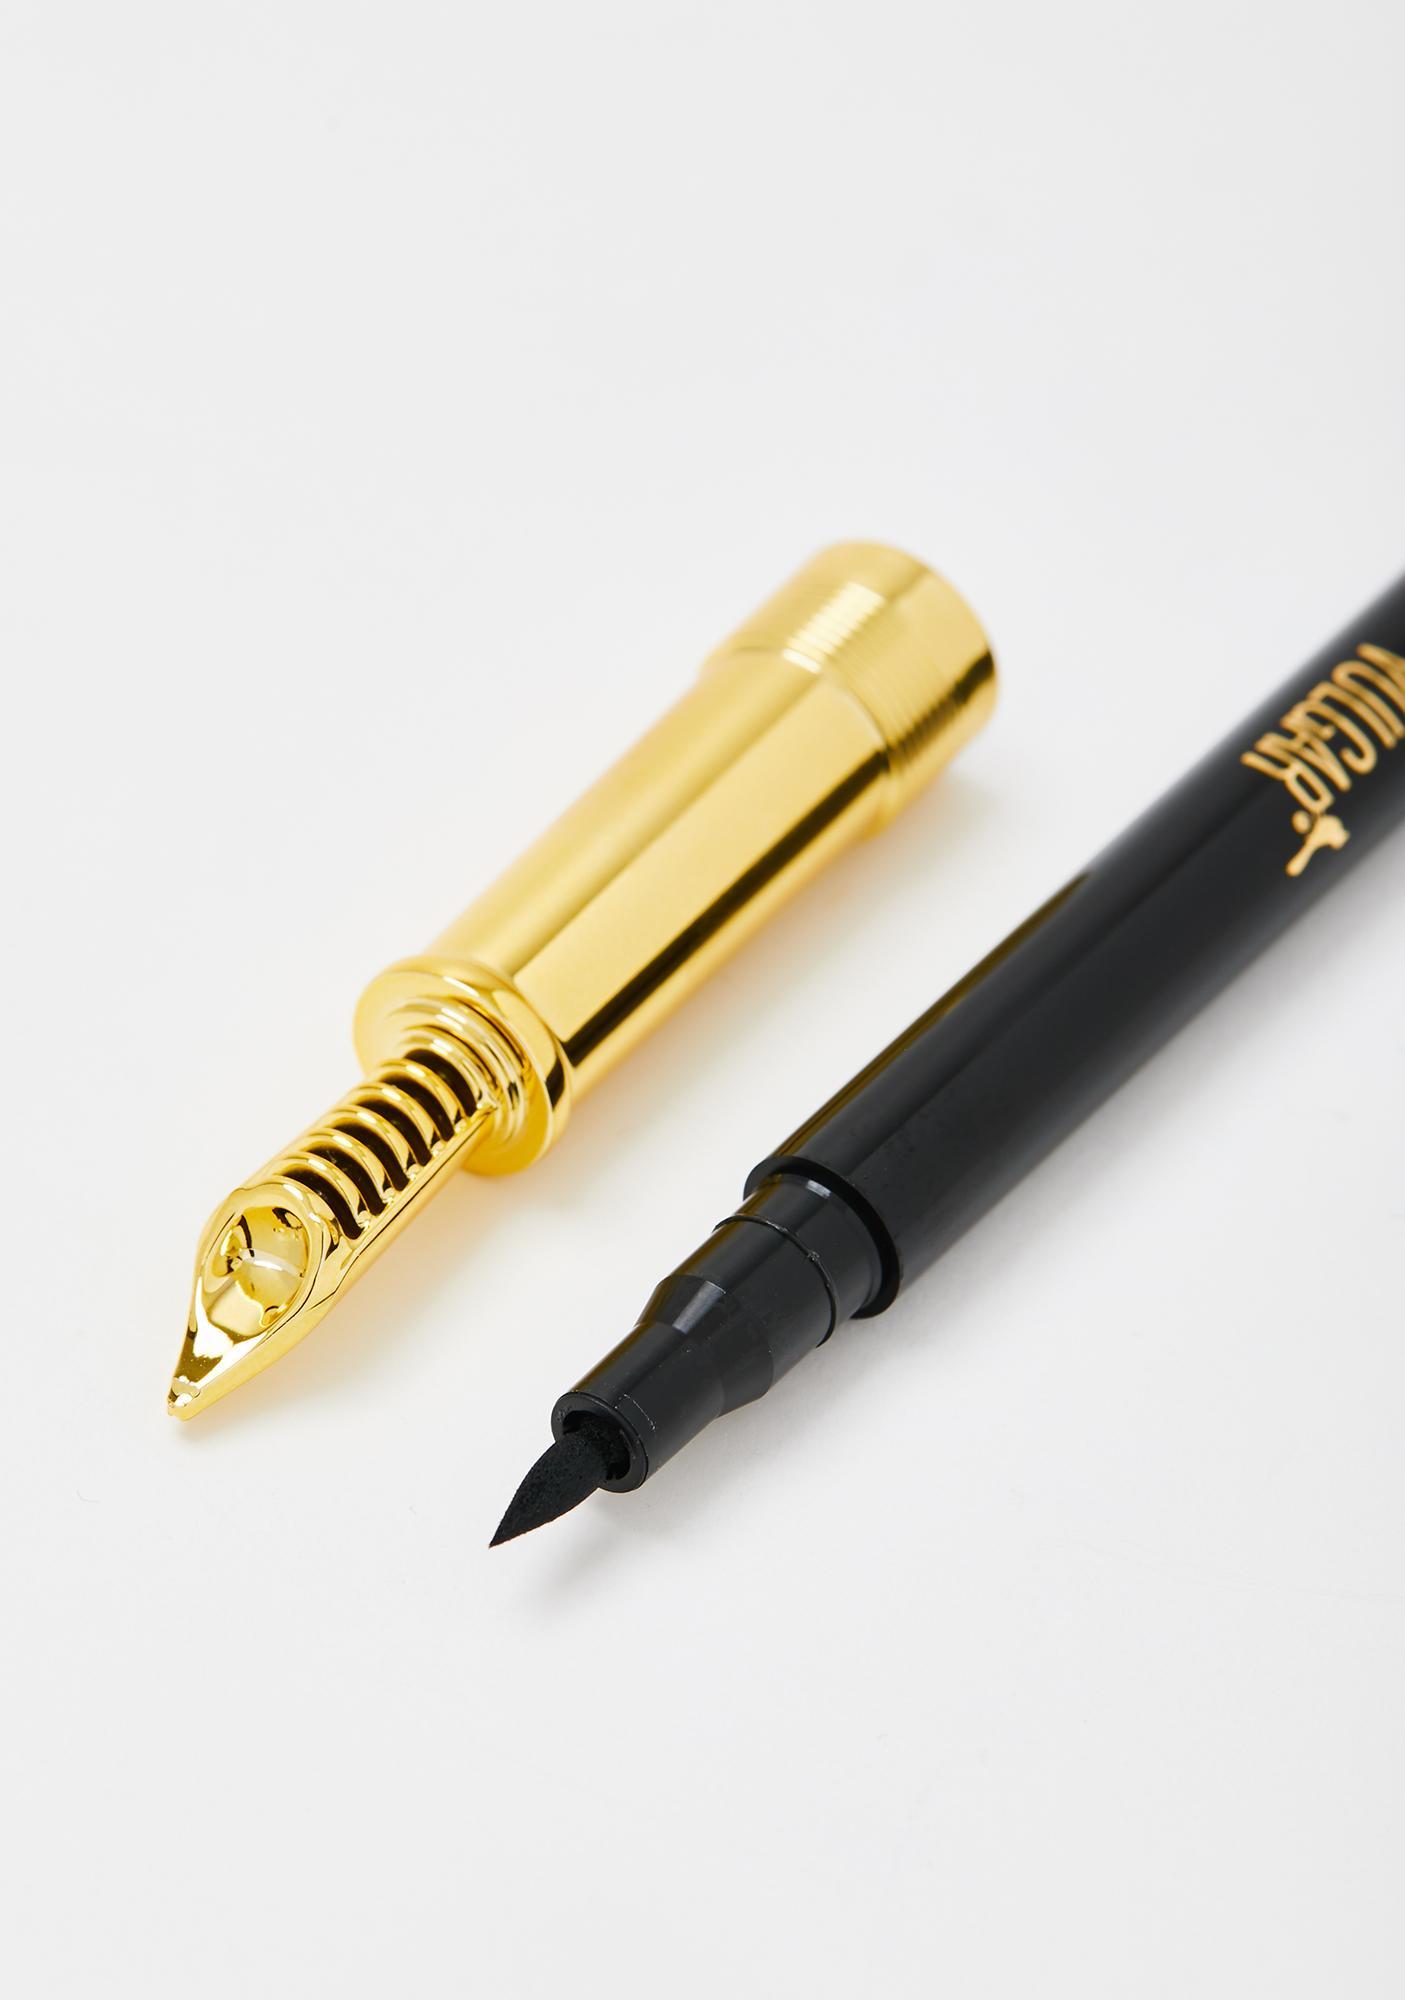 Pretty Vulgar Cosmetics On Point Liquid Eyeliner Pen